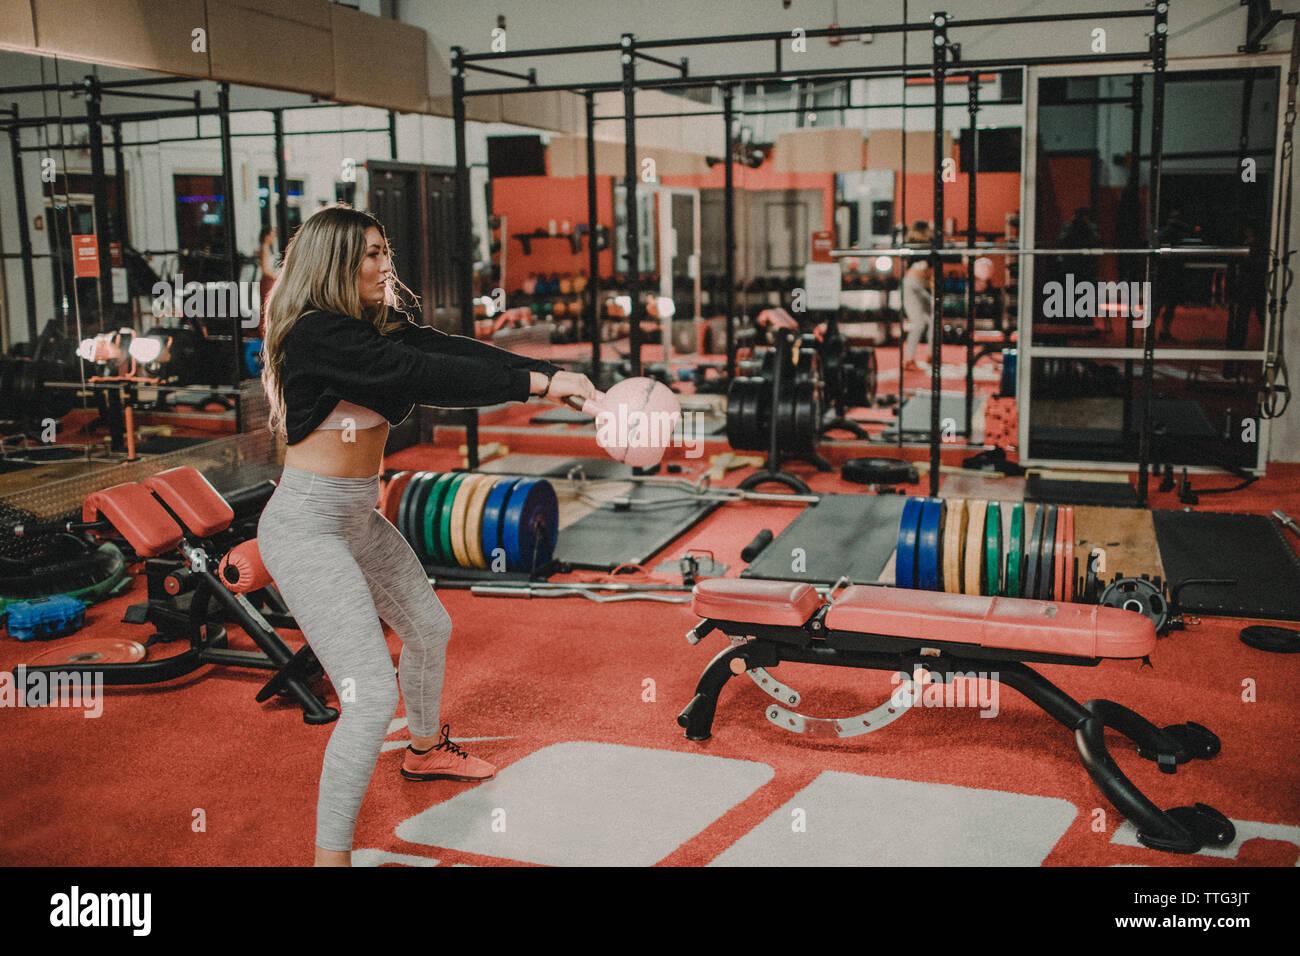 Colocar mujer ejerciendo con rosa kettlebell en el gimnasio. Imagen De Stock